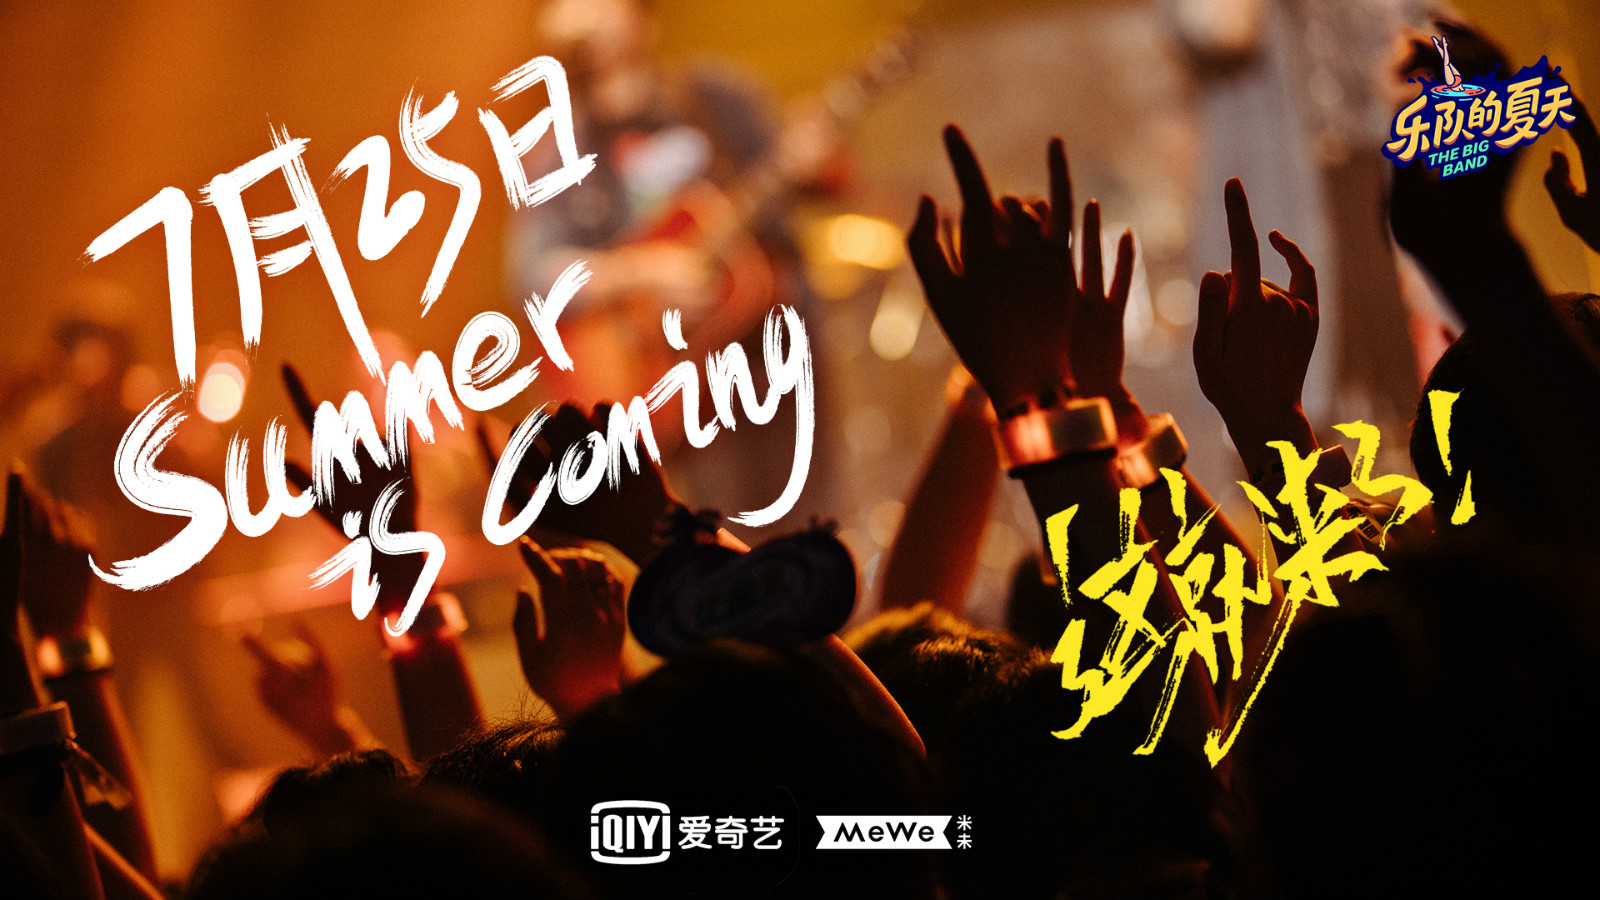 《乐队的夏天2》今天33支乐队的超级燃烧首映式可以再次掀起乐队热潮